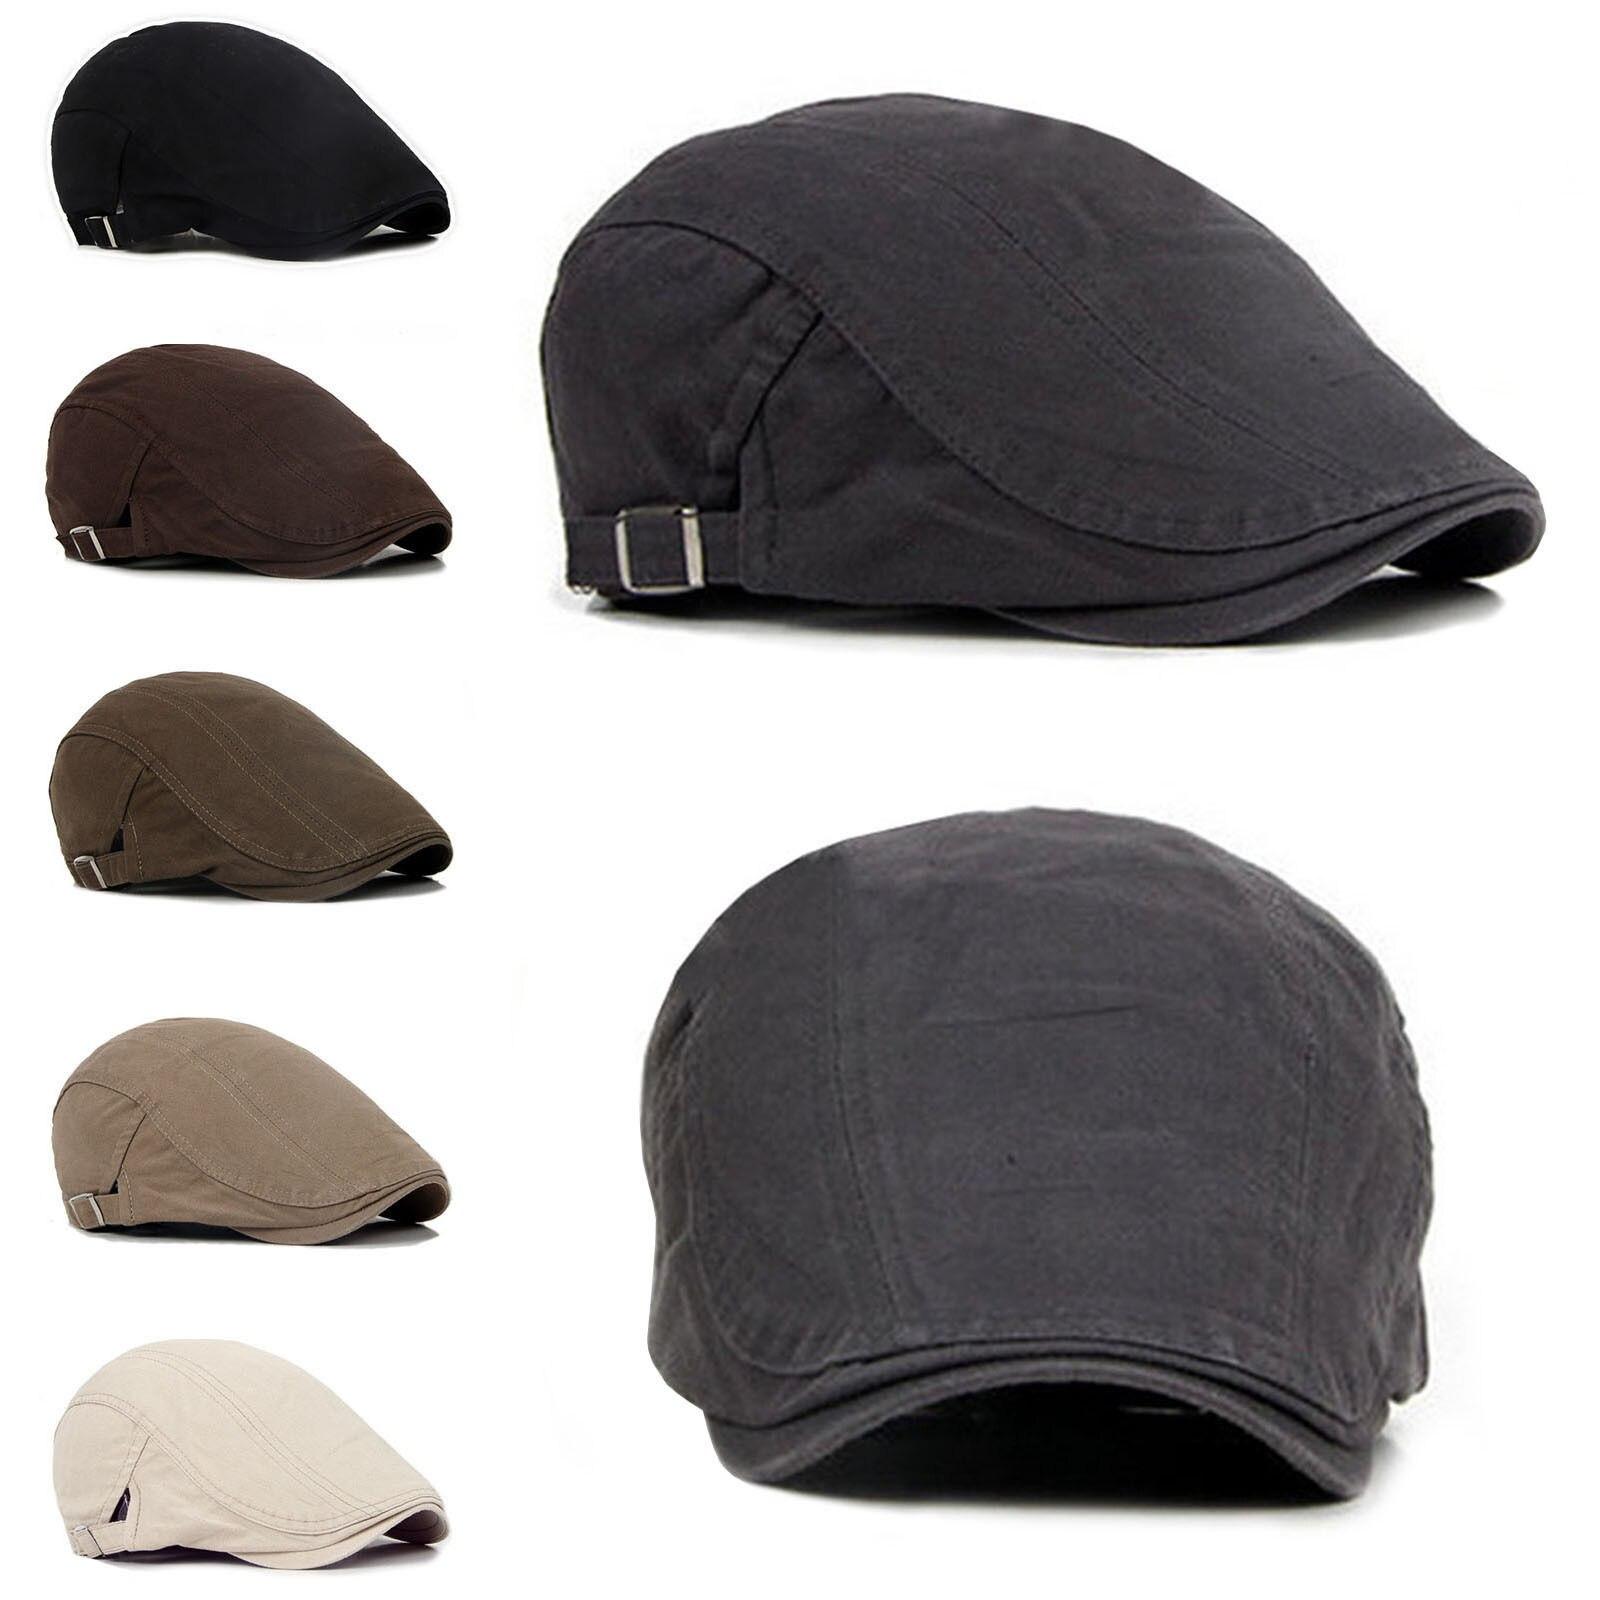 Новинка, мужские шапки-береты, Кепка для гольфа, вождения, защита от солнца, плоская кепка, модные хлопковые береты, кепка s для мужчин, повседневная остроконечная Кепка, козырьки, Casquette, шапки